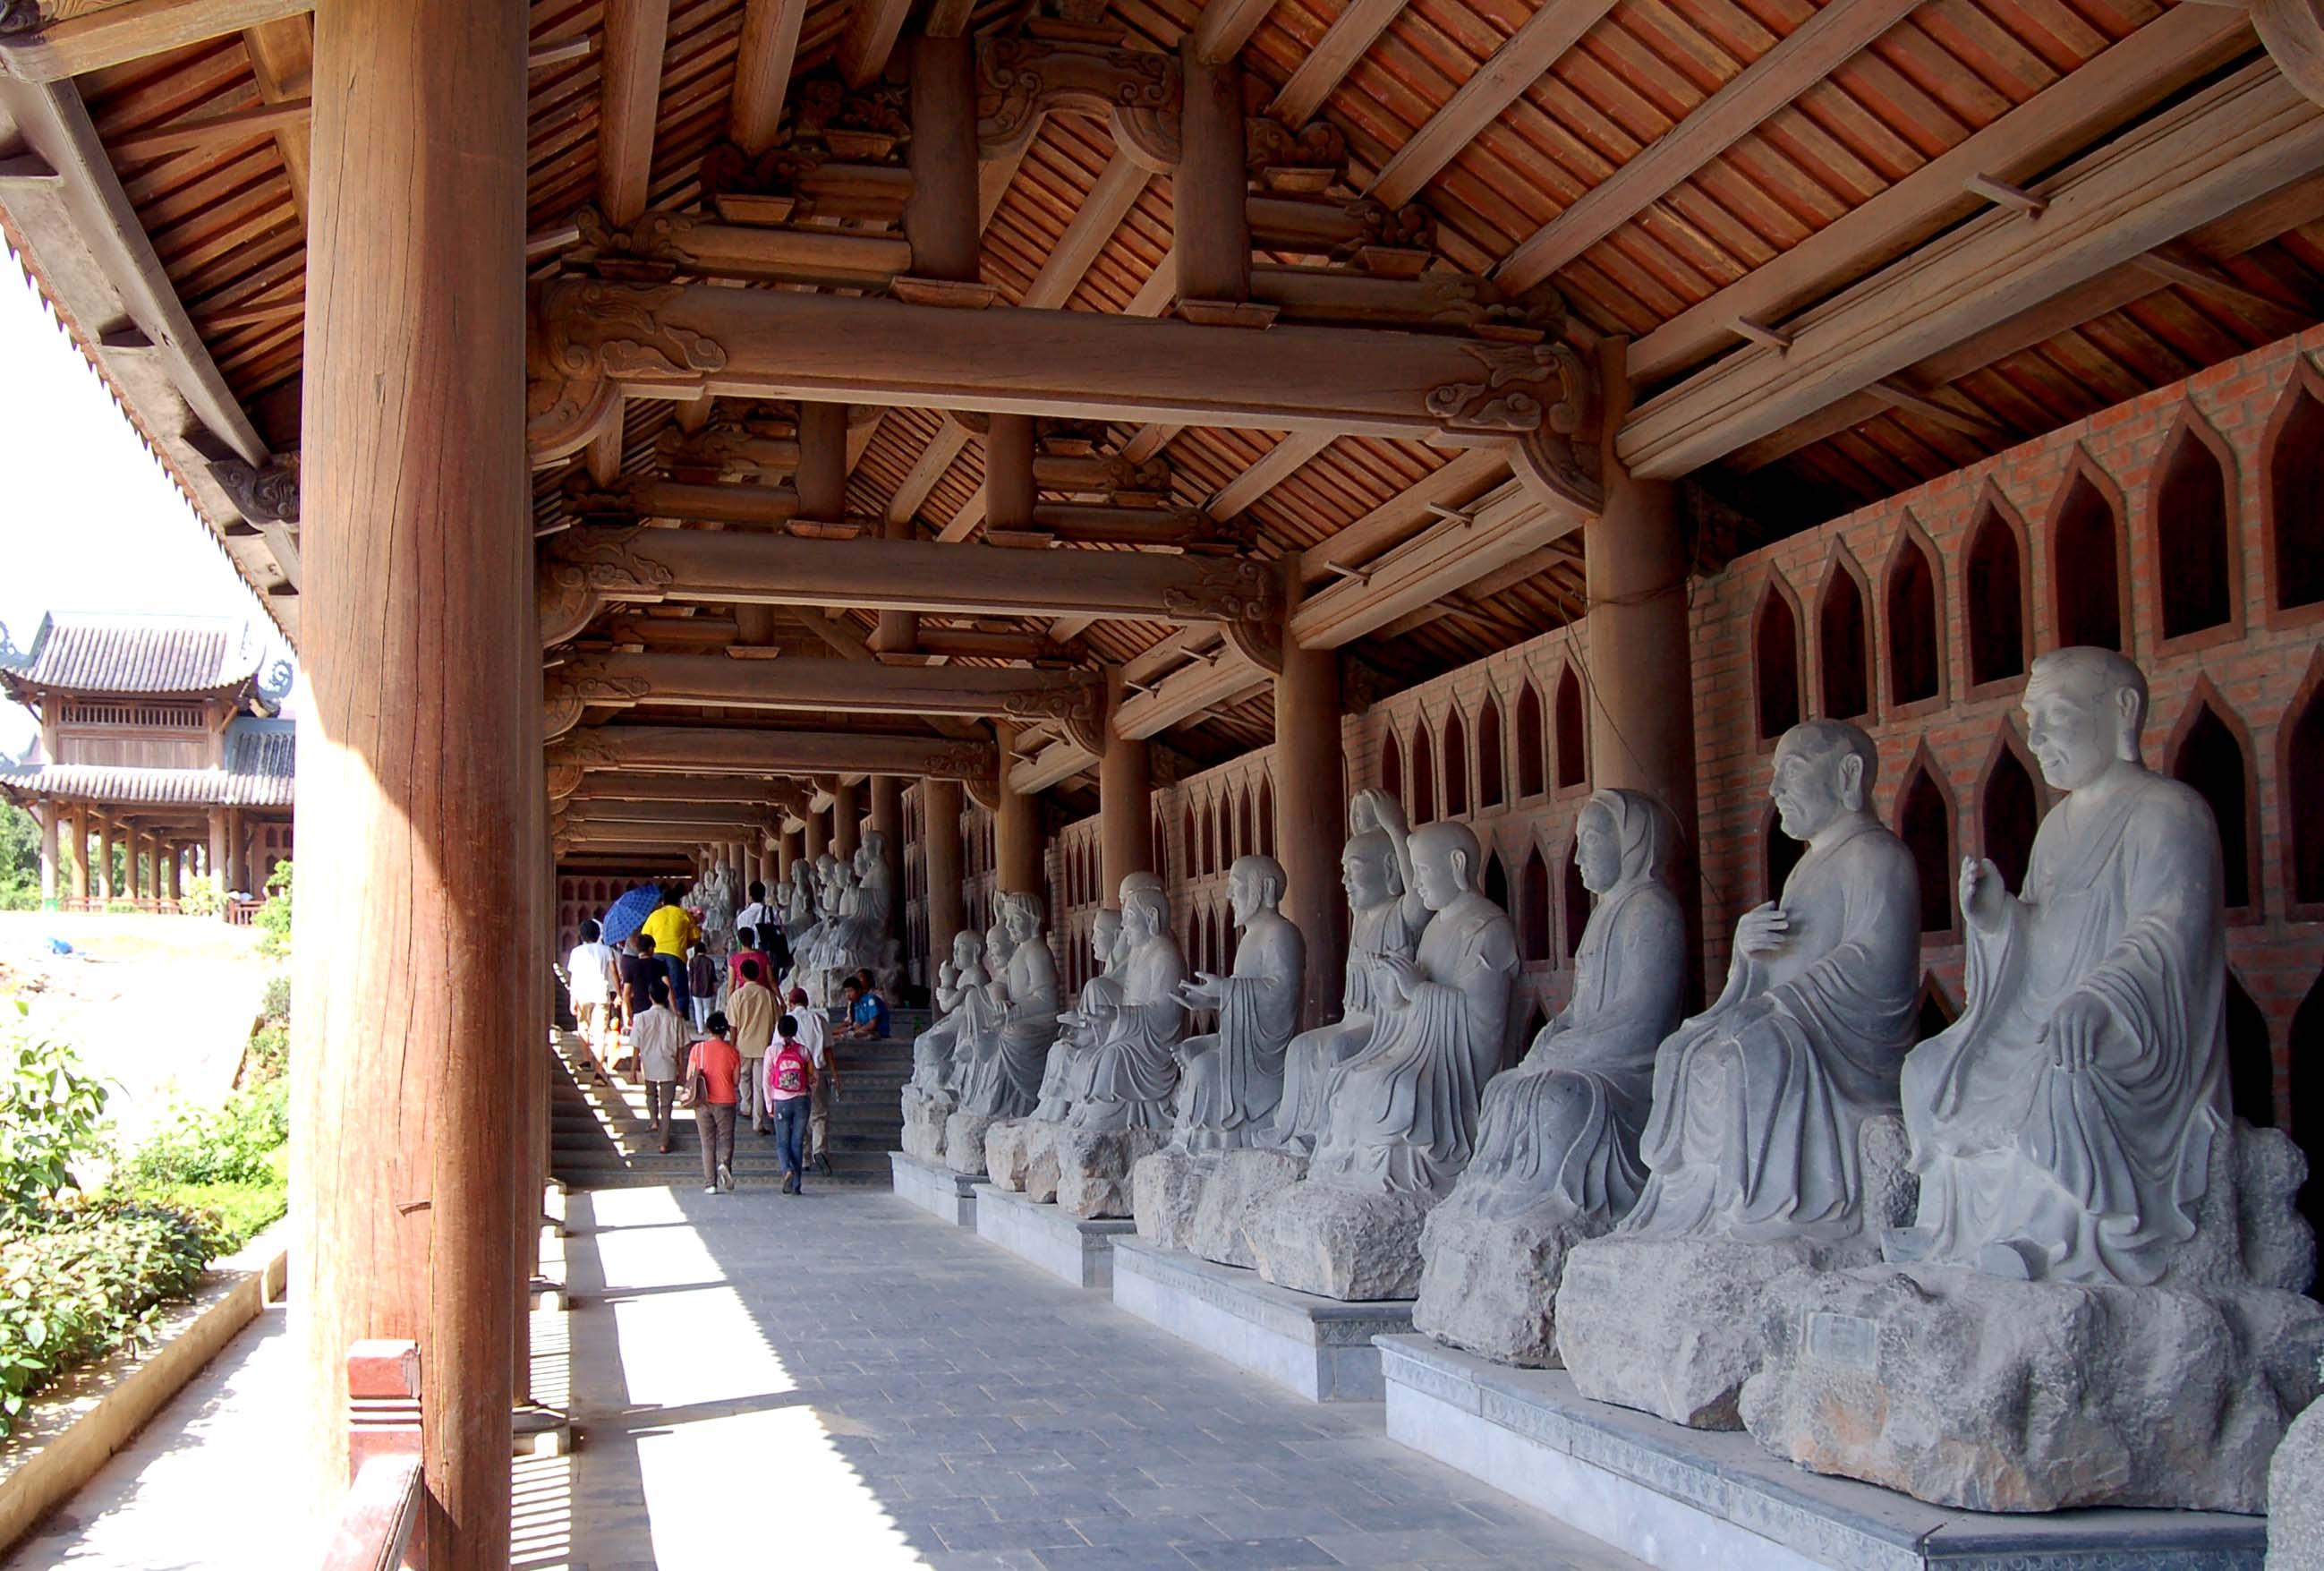 Ngoài hành lang của chùa là 500 bức tượng La Hán bằng đá trắng nguyên khối